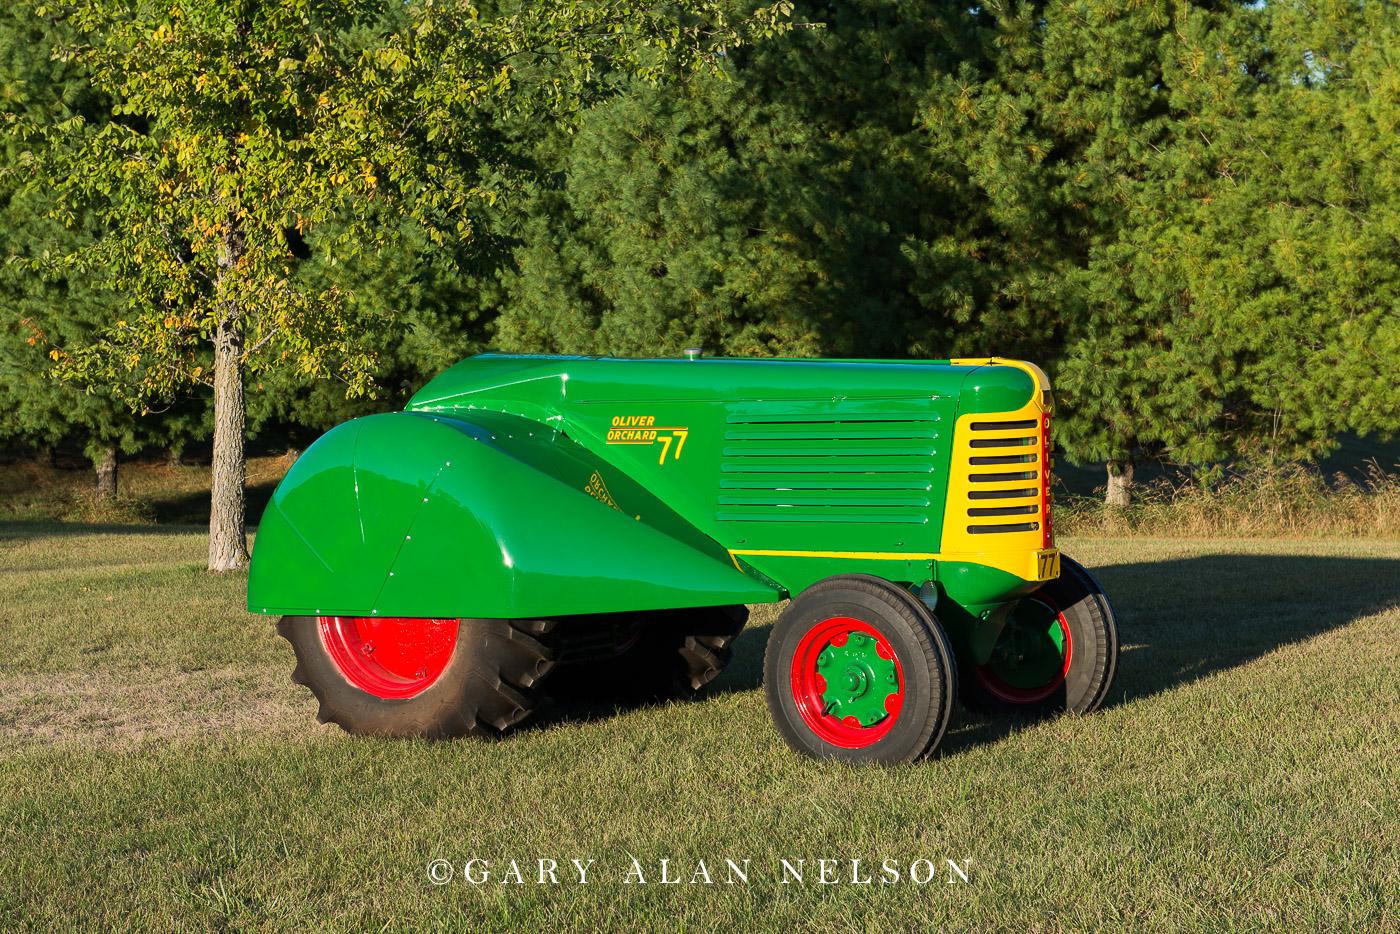 1950 Oliver 77 Orchard